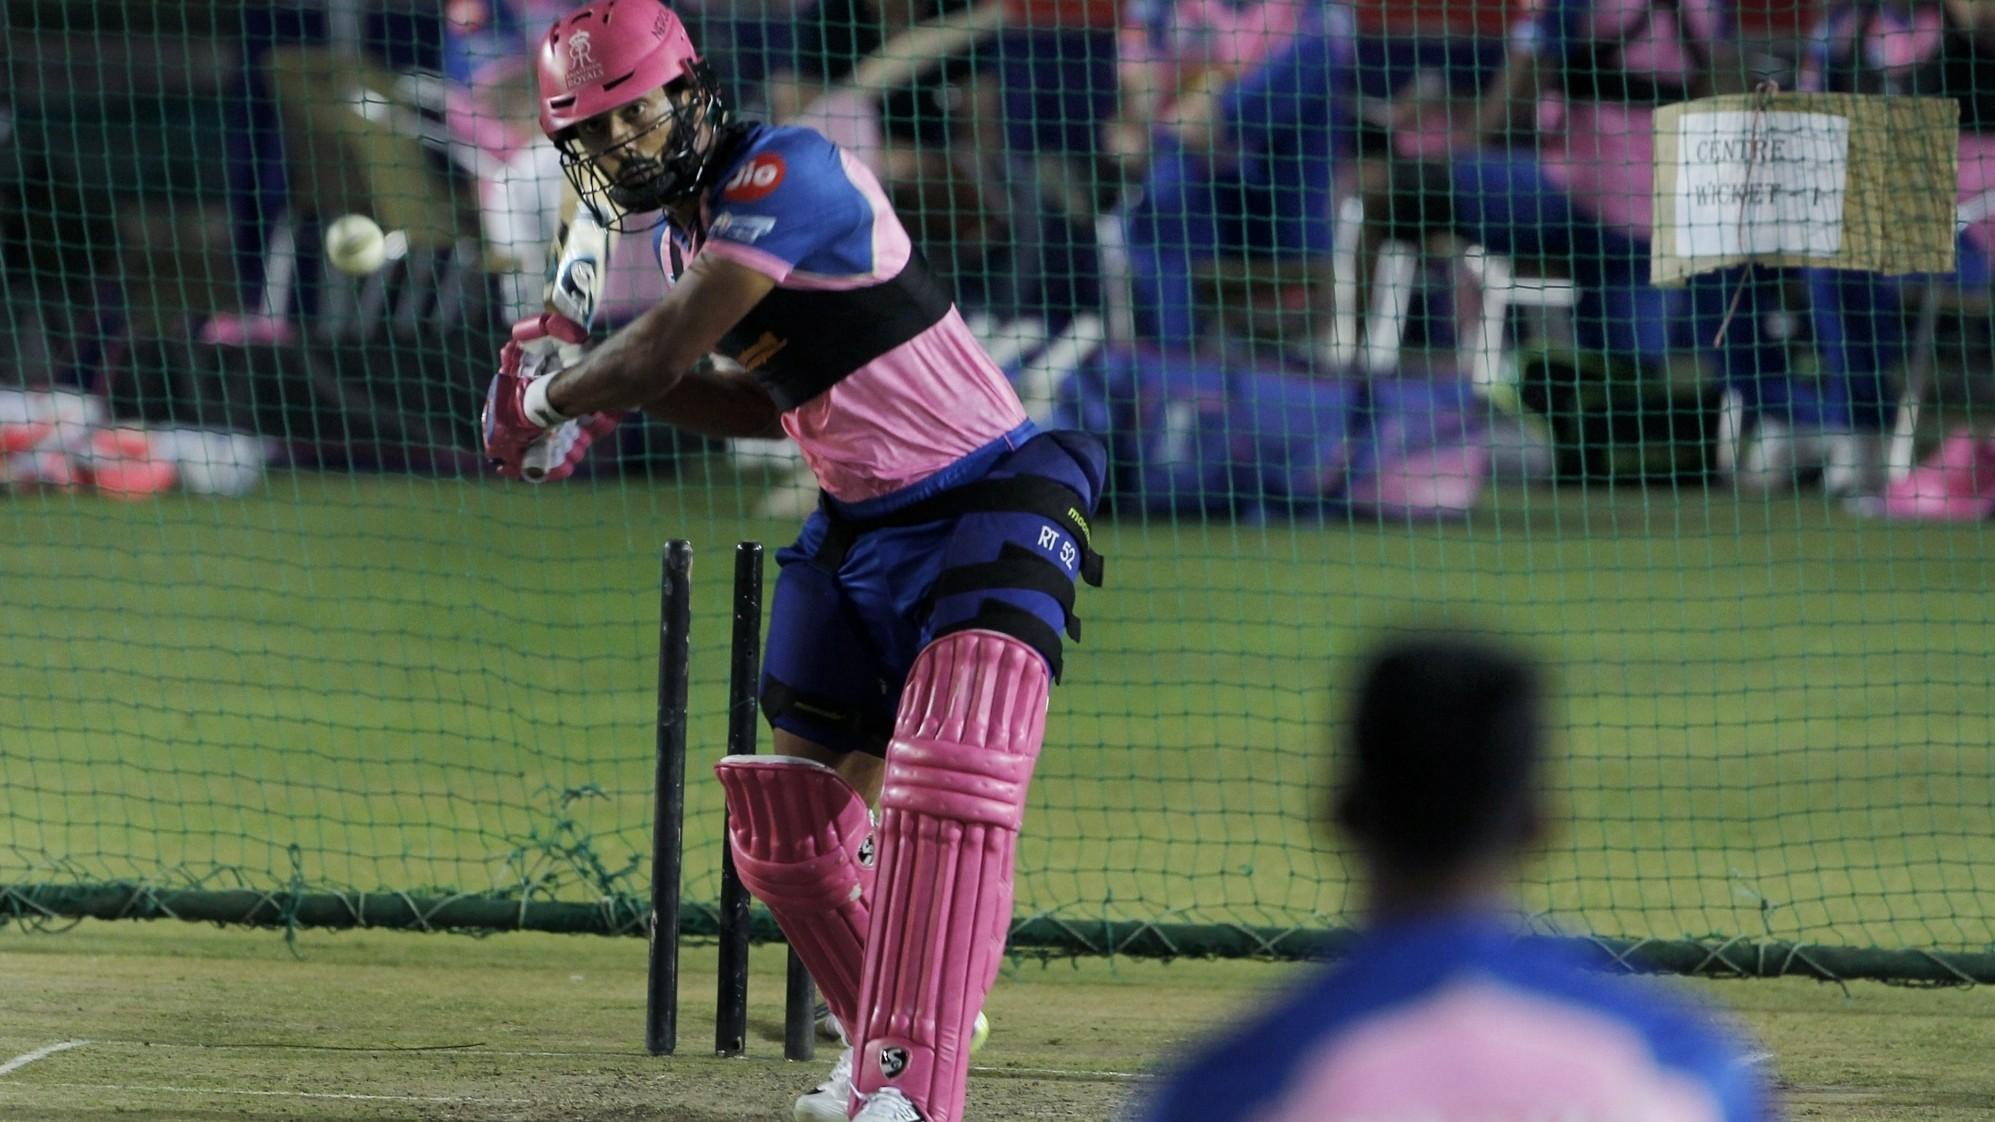 IPL 2019 : राहुल त्रिपाठी ने रॉयल्स की हार का श्रेय गेंदबाज़ो को दिया